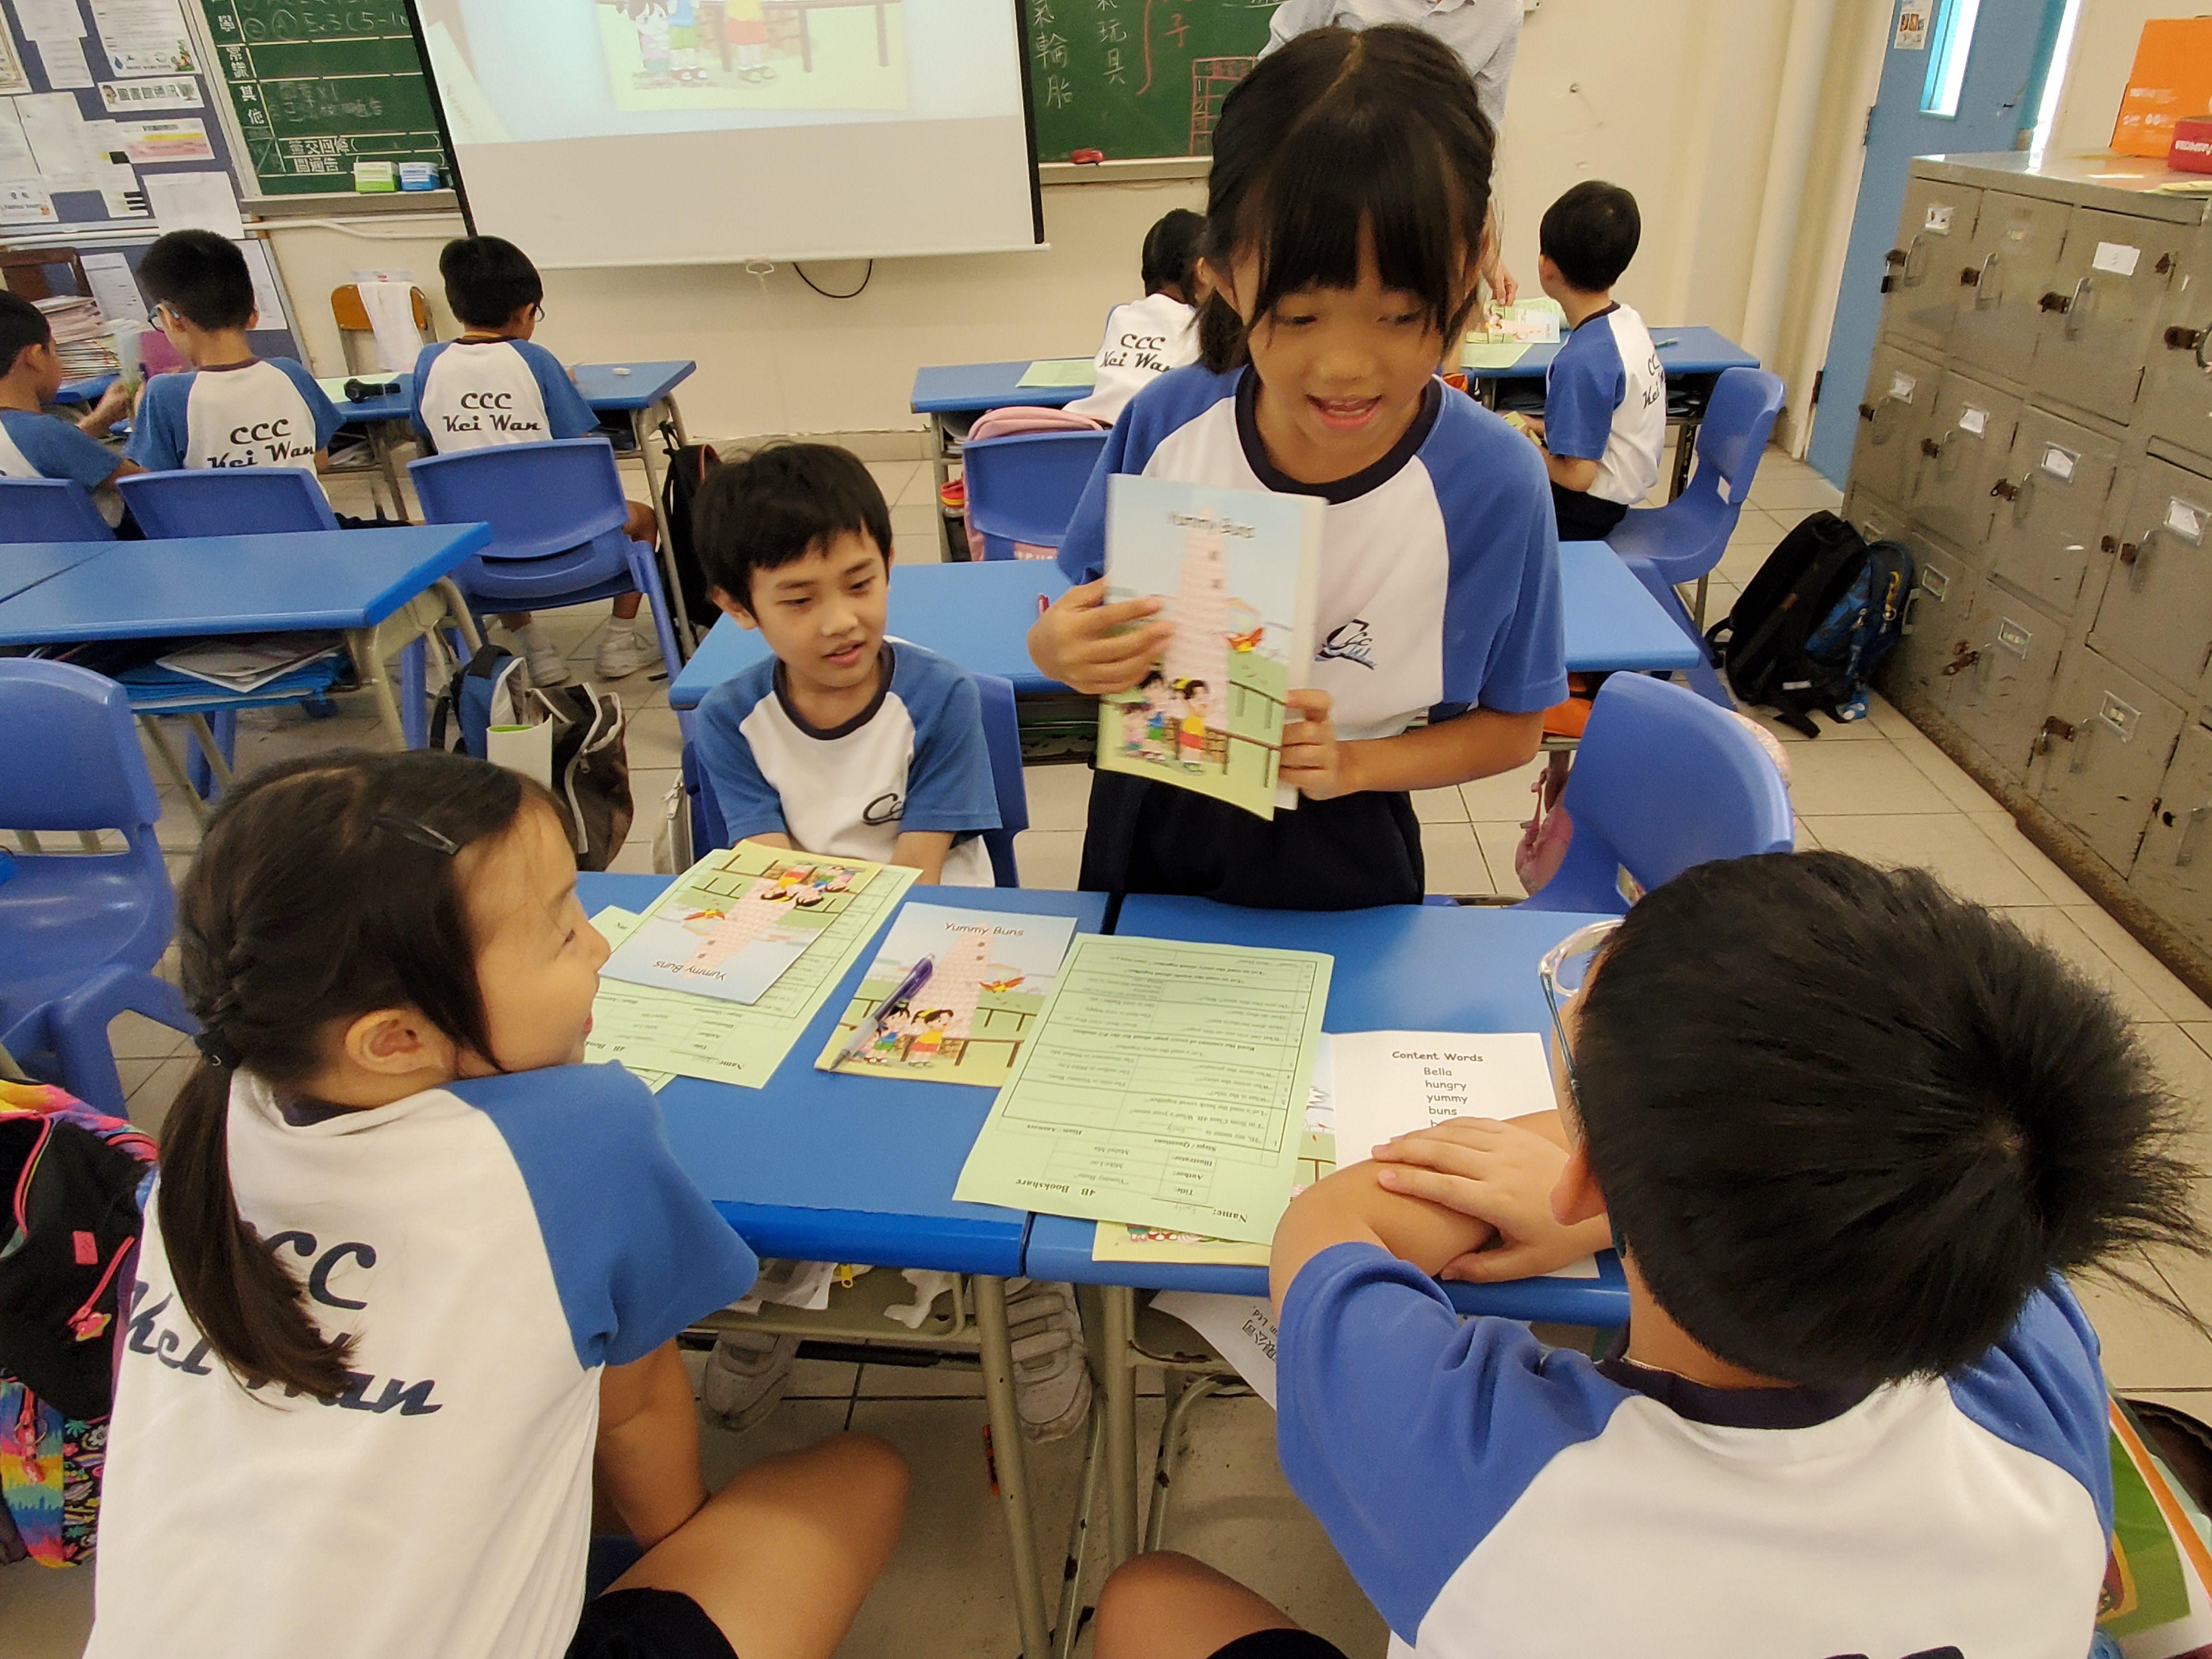 http://www.keiwan.edu.hk/sites/default/files/29_1.jpg